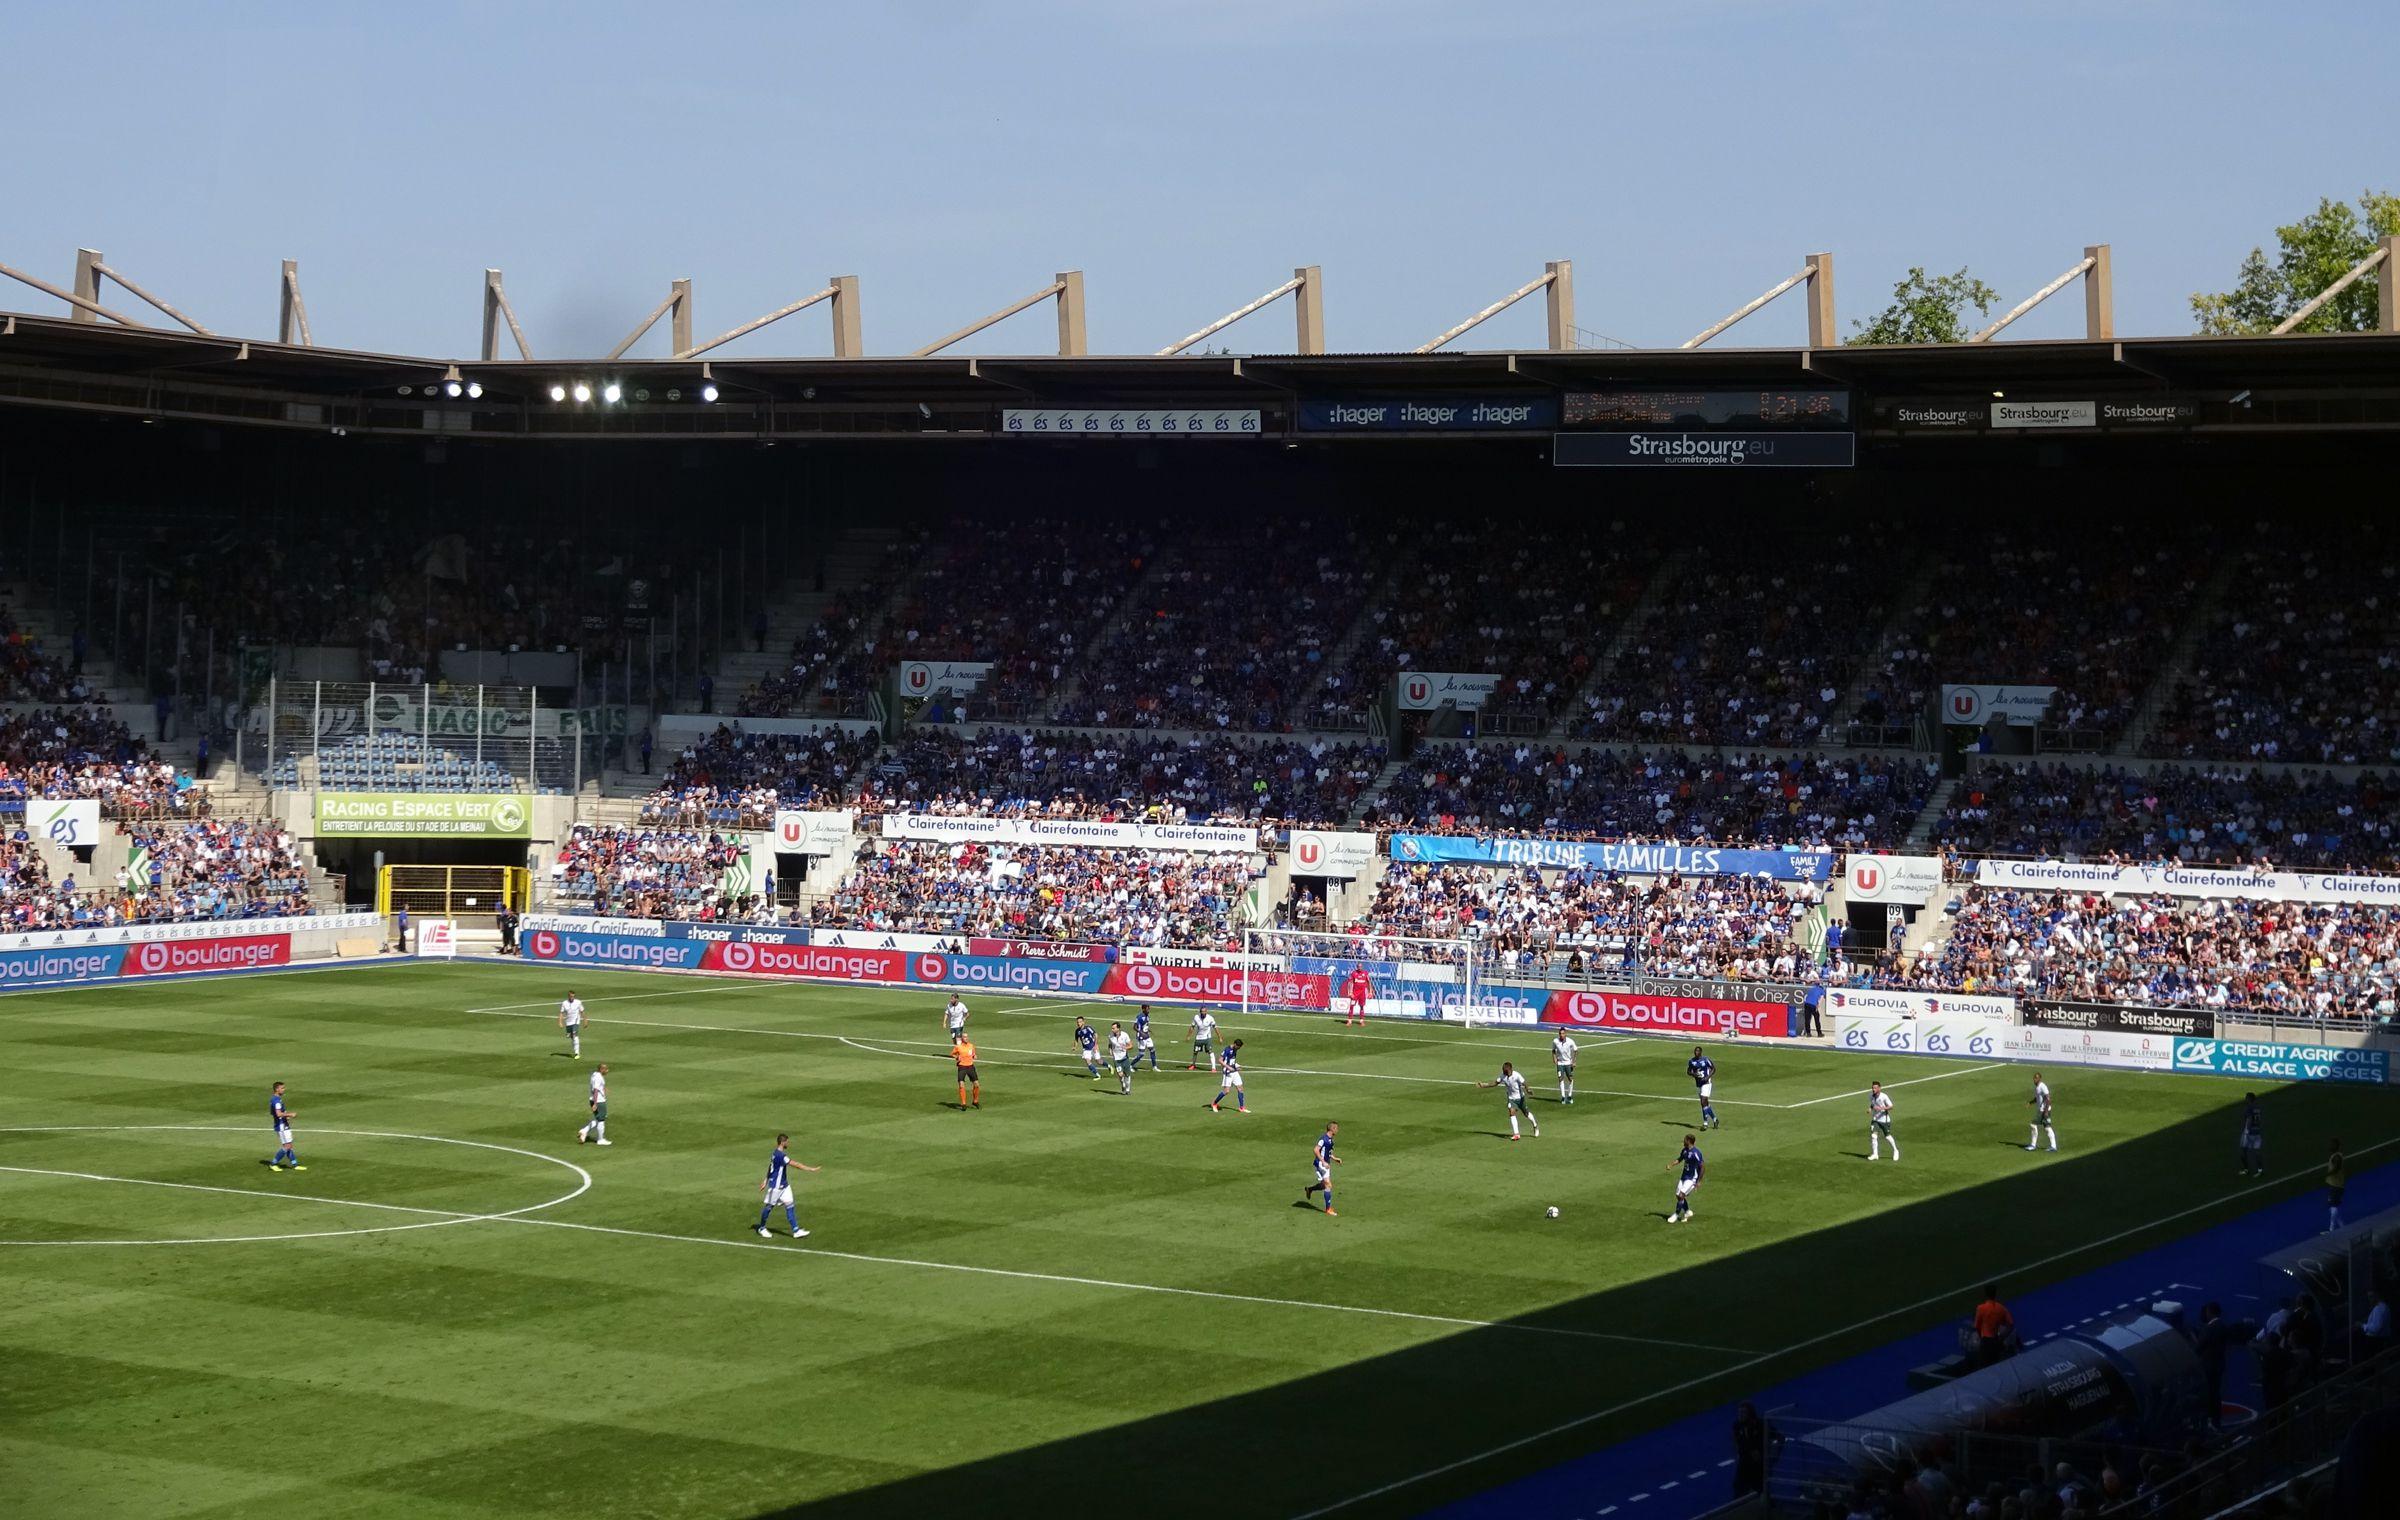 Sonnenschein und Fußball…